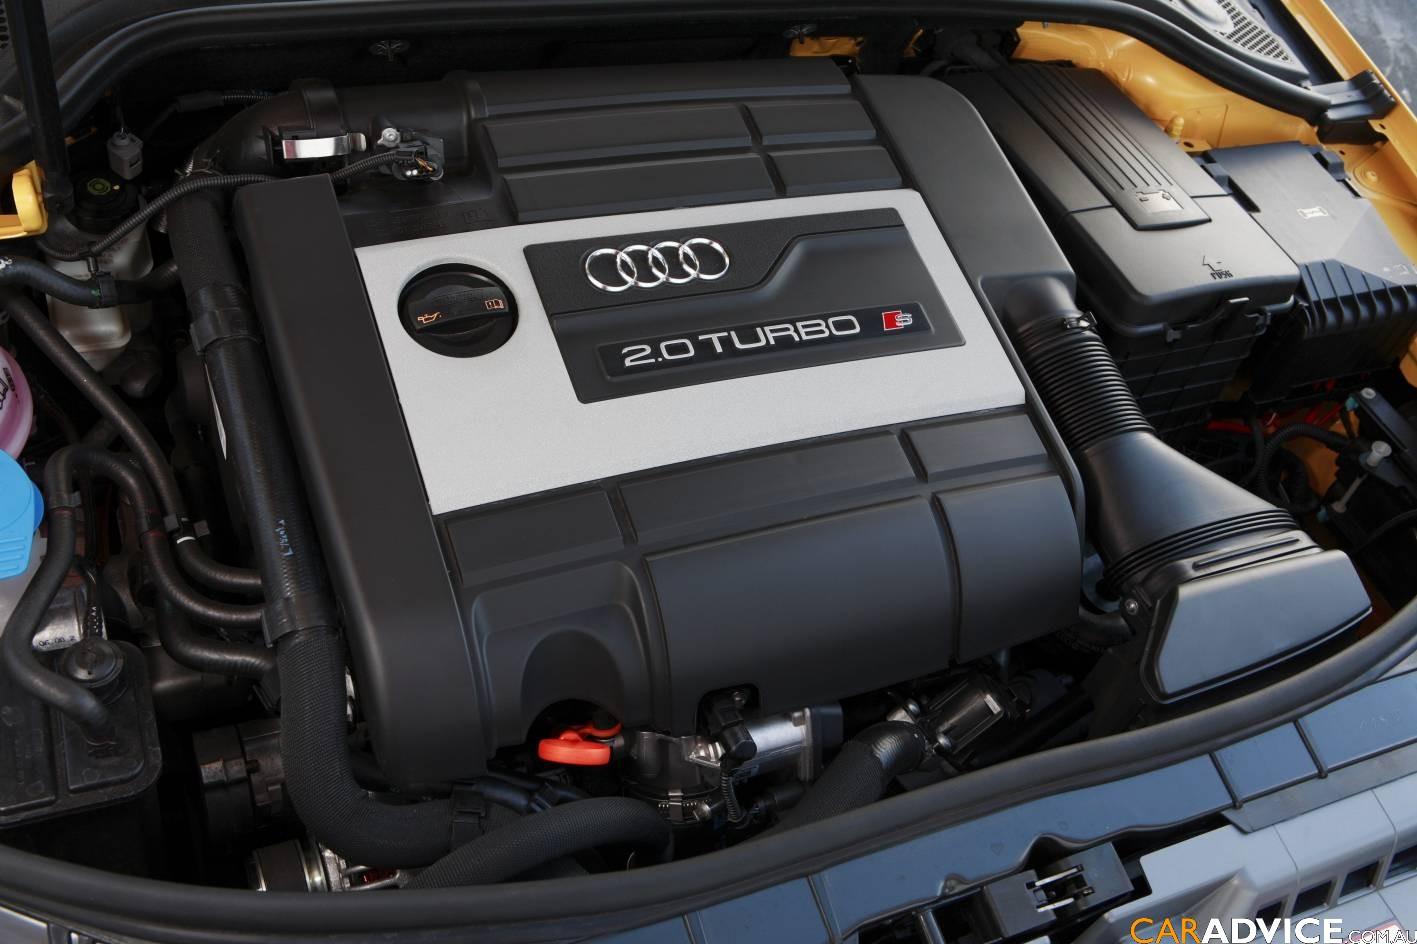 AUDI S3 engine